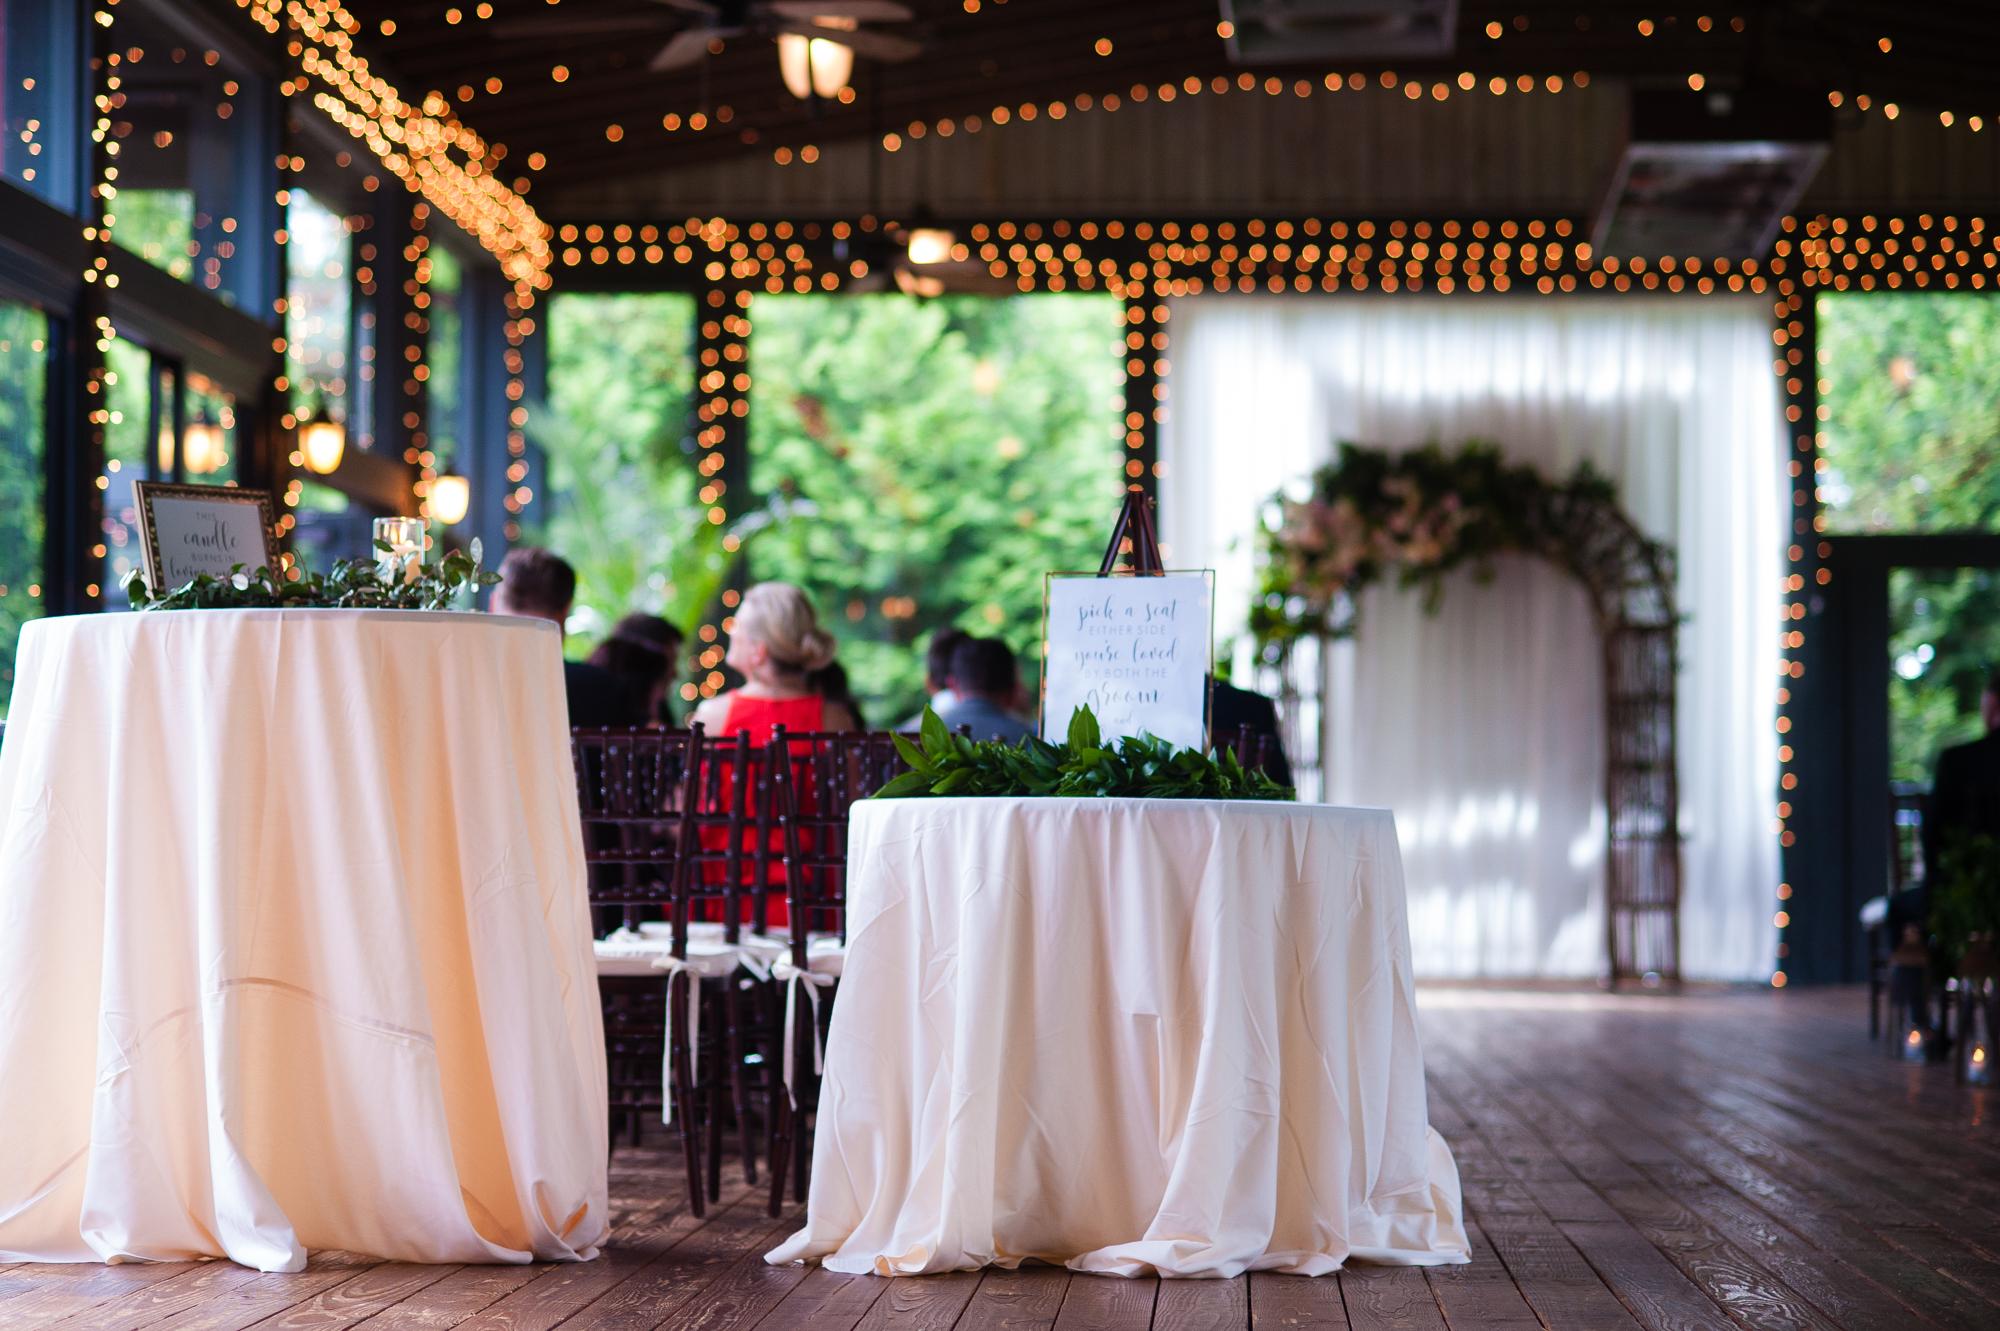 biltmore estate wedding ceremony details